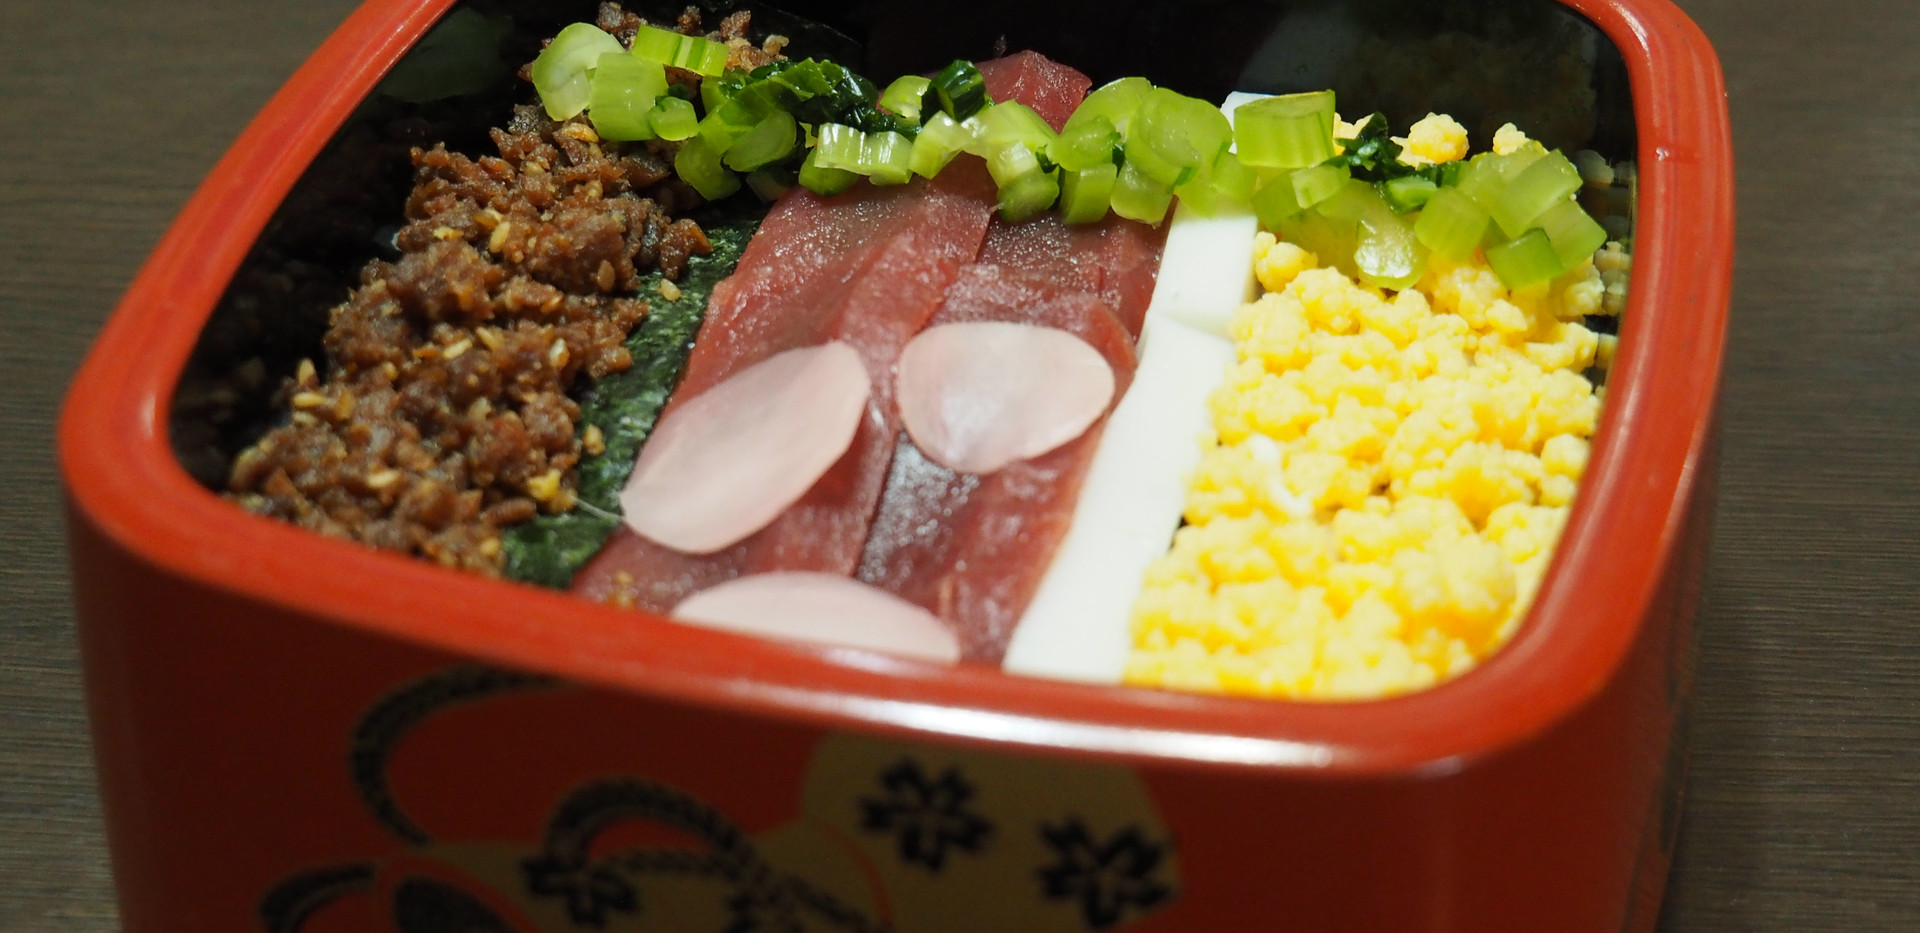 ちらし寿司 フォルトゥーナのざわーな 1500円(税込)